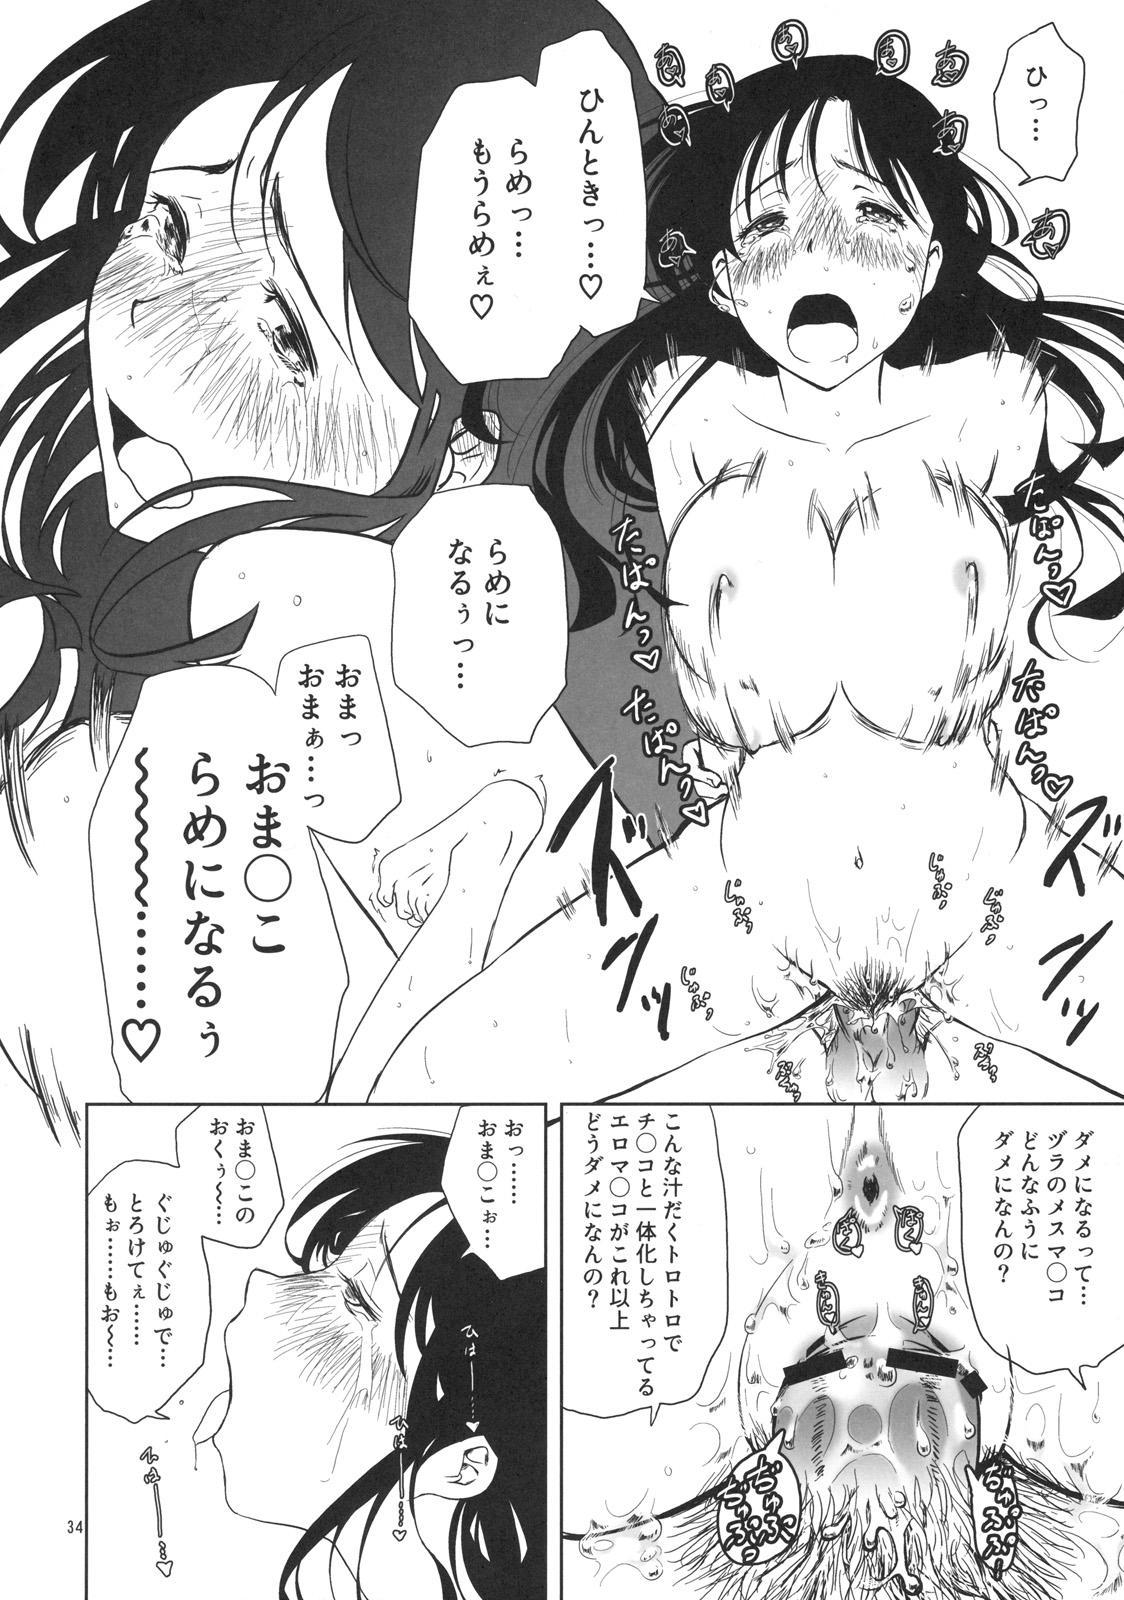 Osananajimi wo Harama Serutatta Hitotsu 32